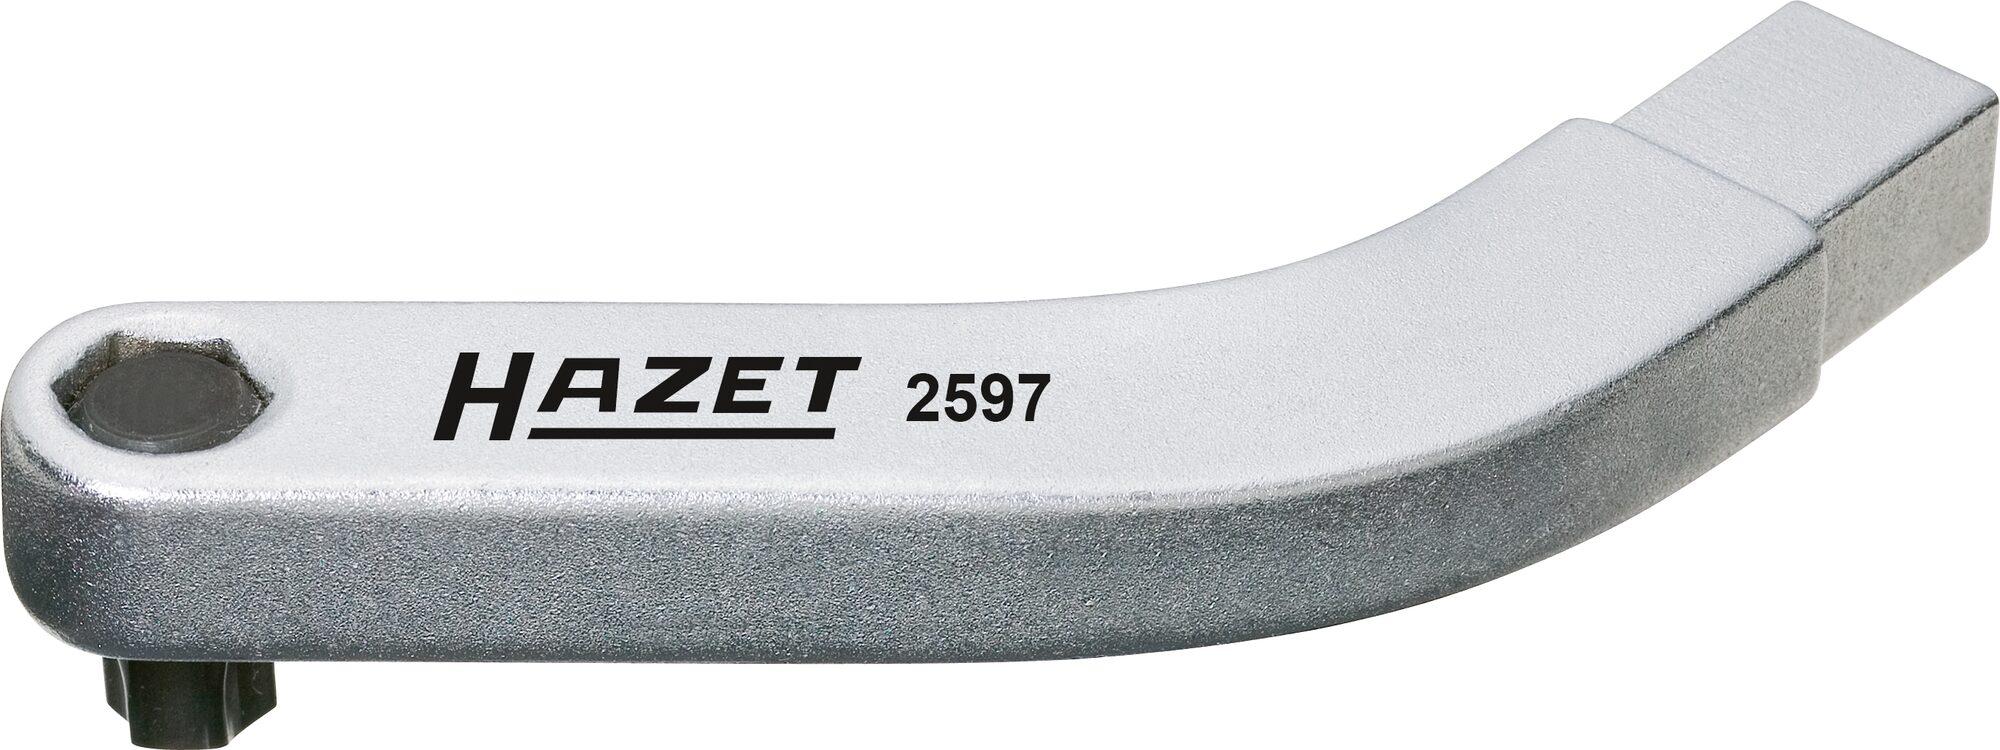 HAZET Türscharnier Einsteck-Werkzeug ∙ gebogener Bithalter 2597 ∙ Einsteck-Vierkant 9 x 12 mm ∙ T45